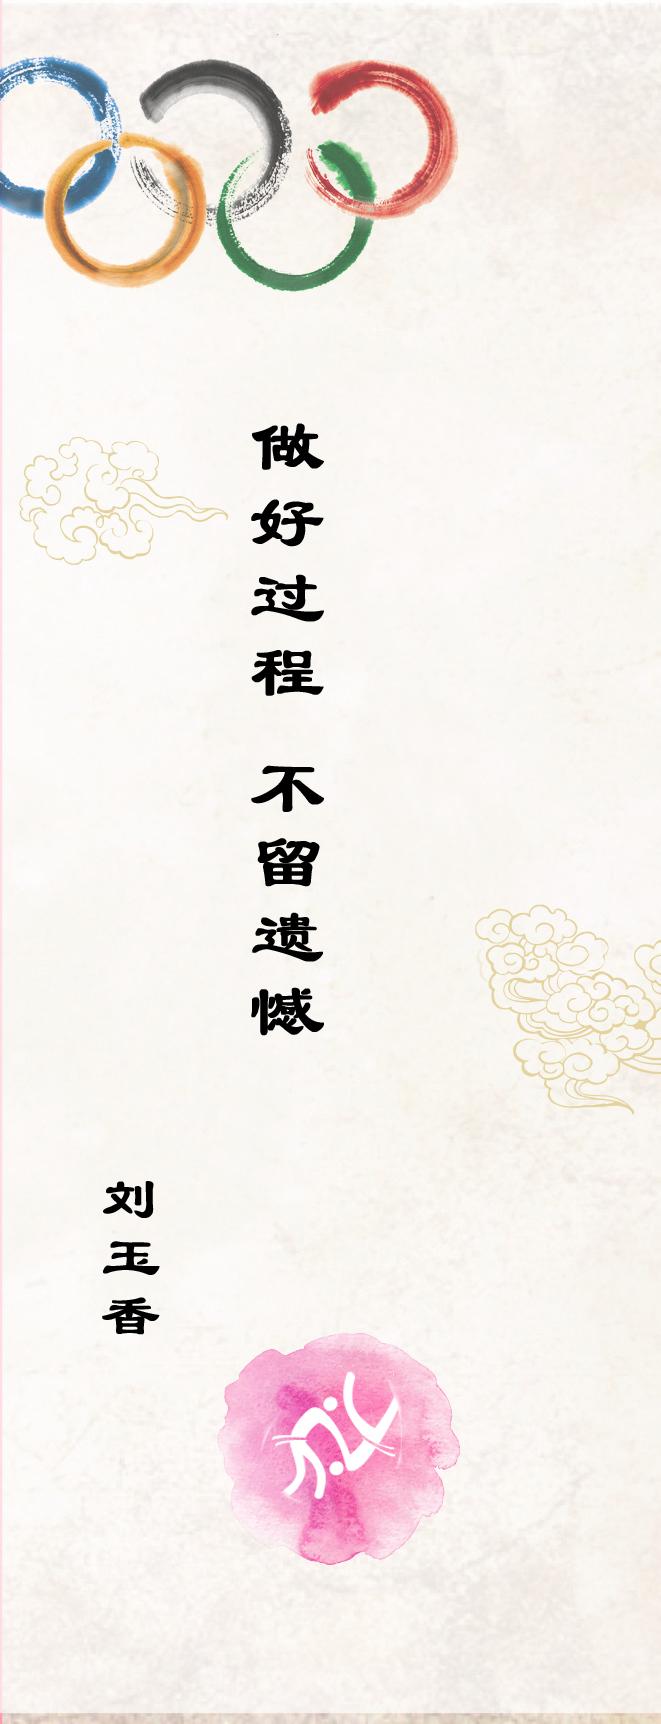 刘玉香:做好过程 不留遗憾